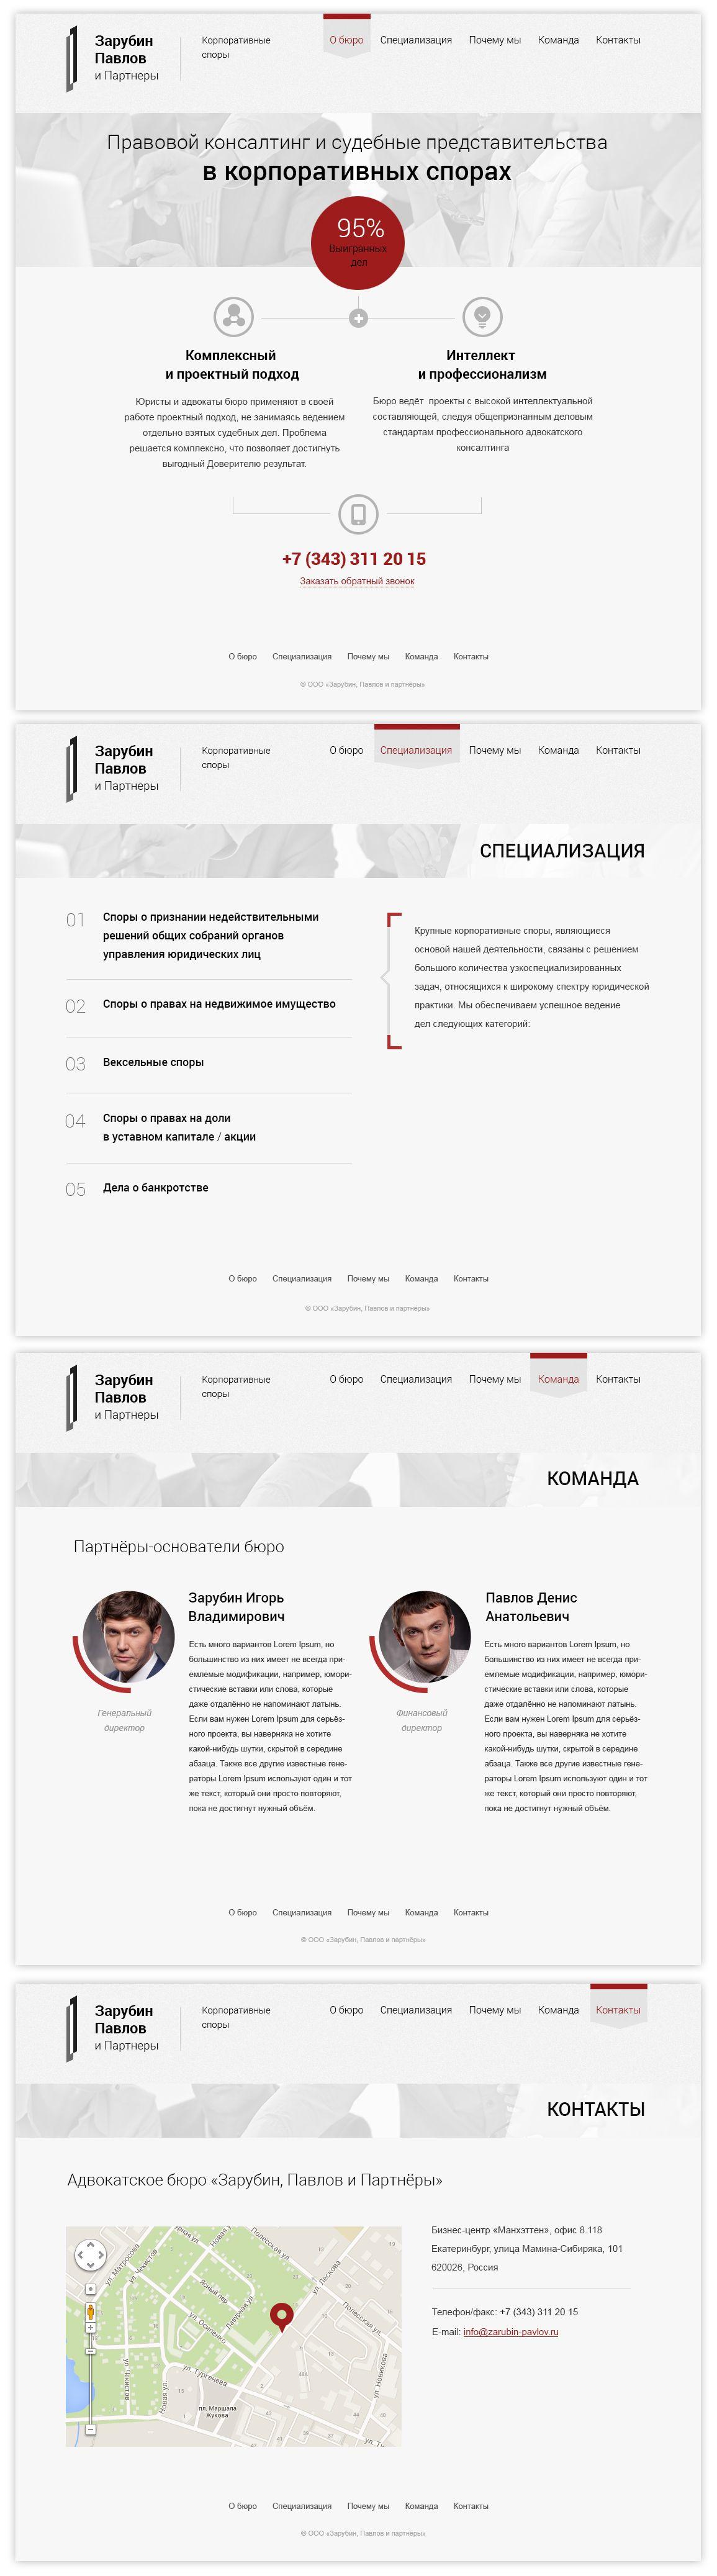 Дизайн сайта для адвокатского бюро. - дизайнер feign